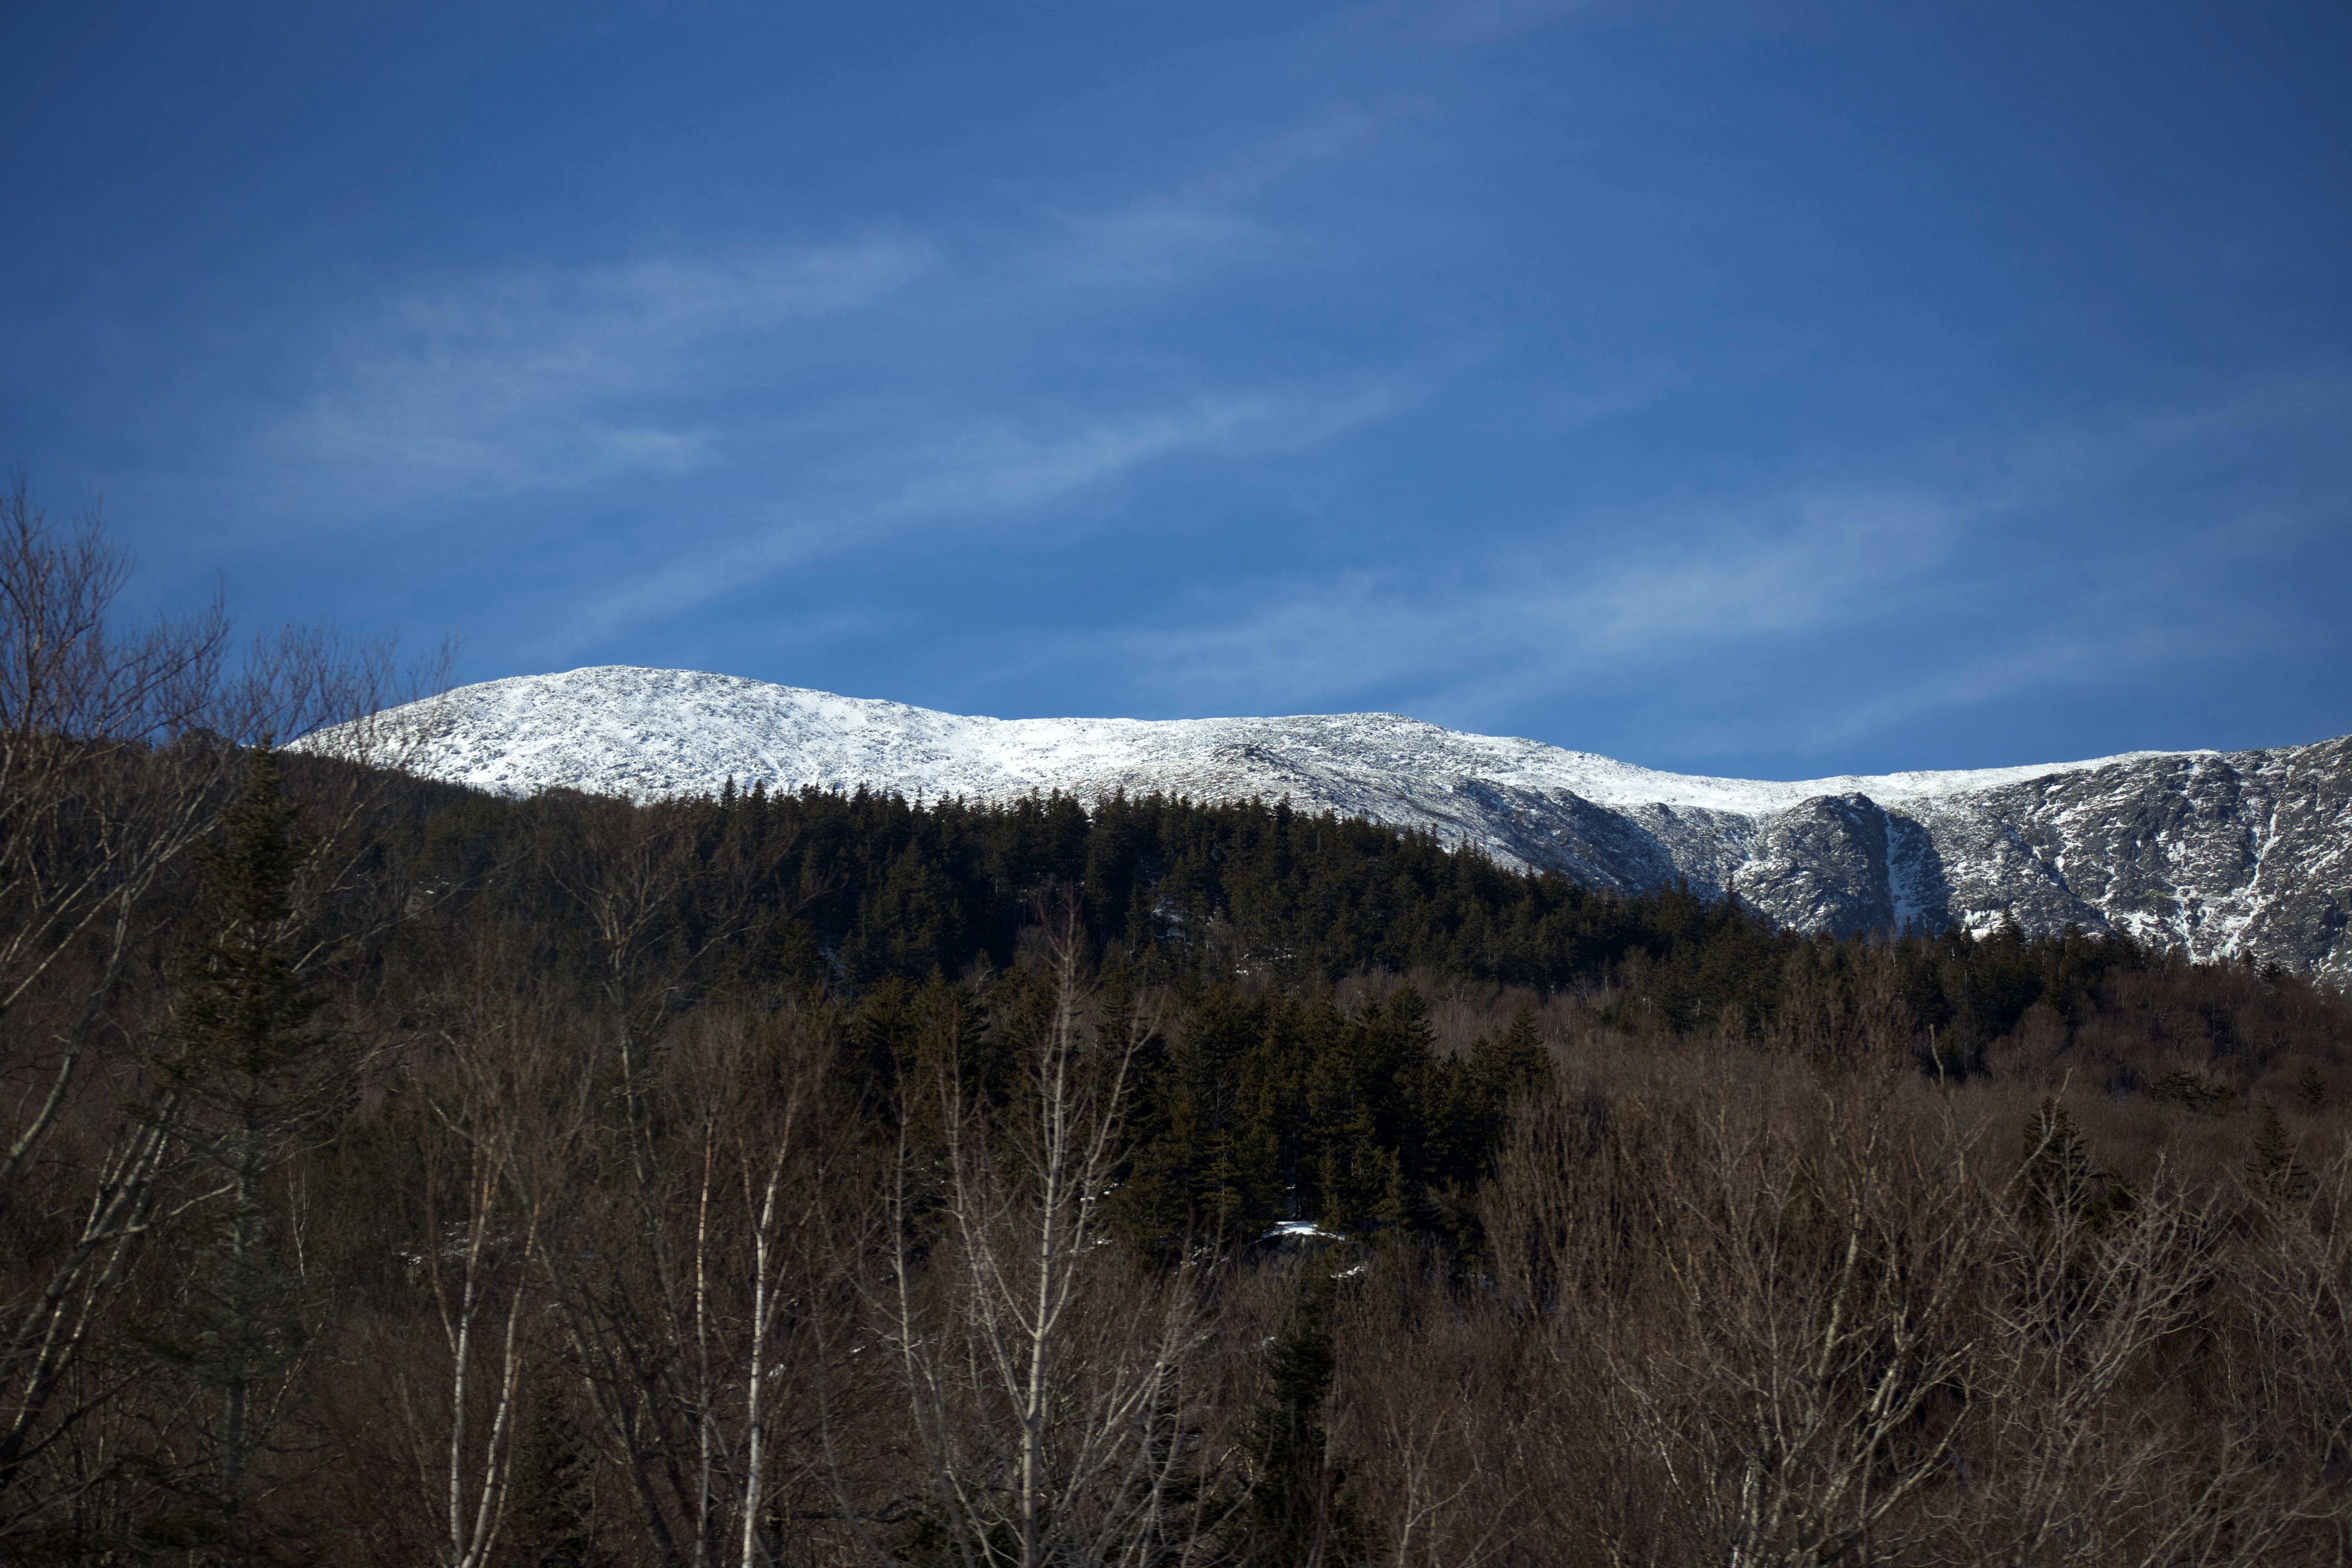 겨울, 경치, 눈, 산의 무료 스톡 사진